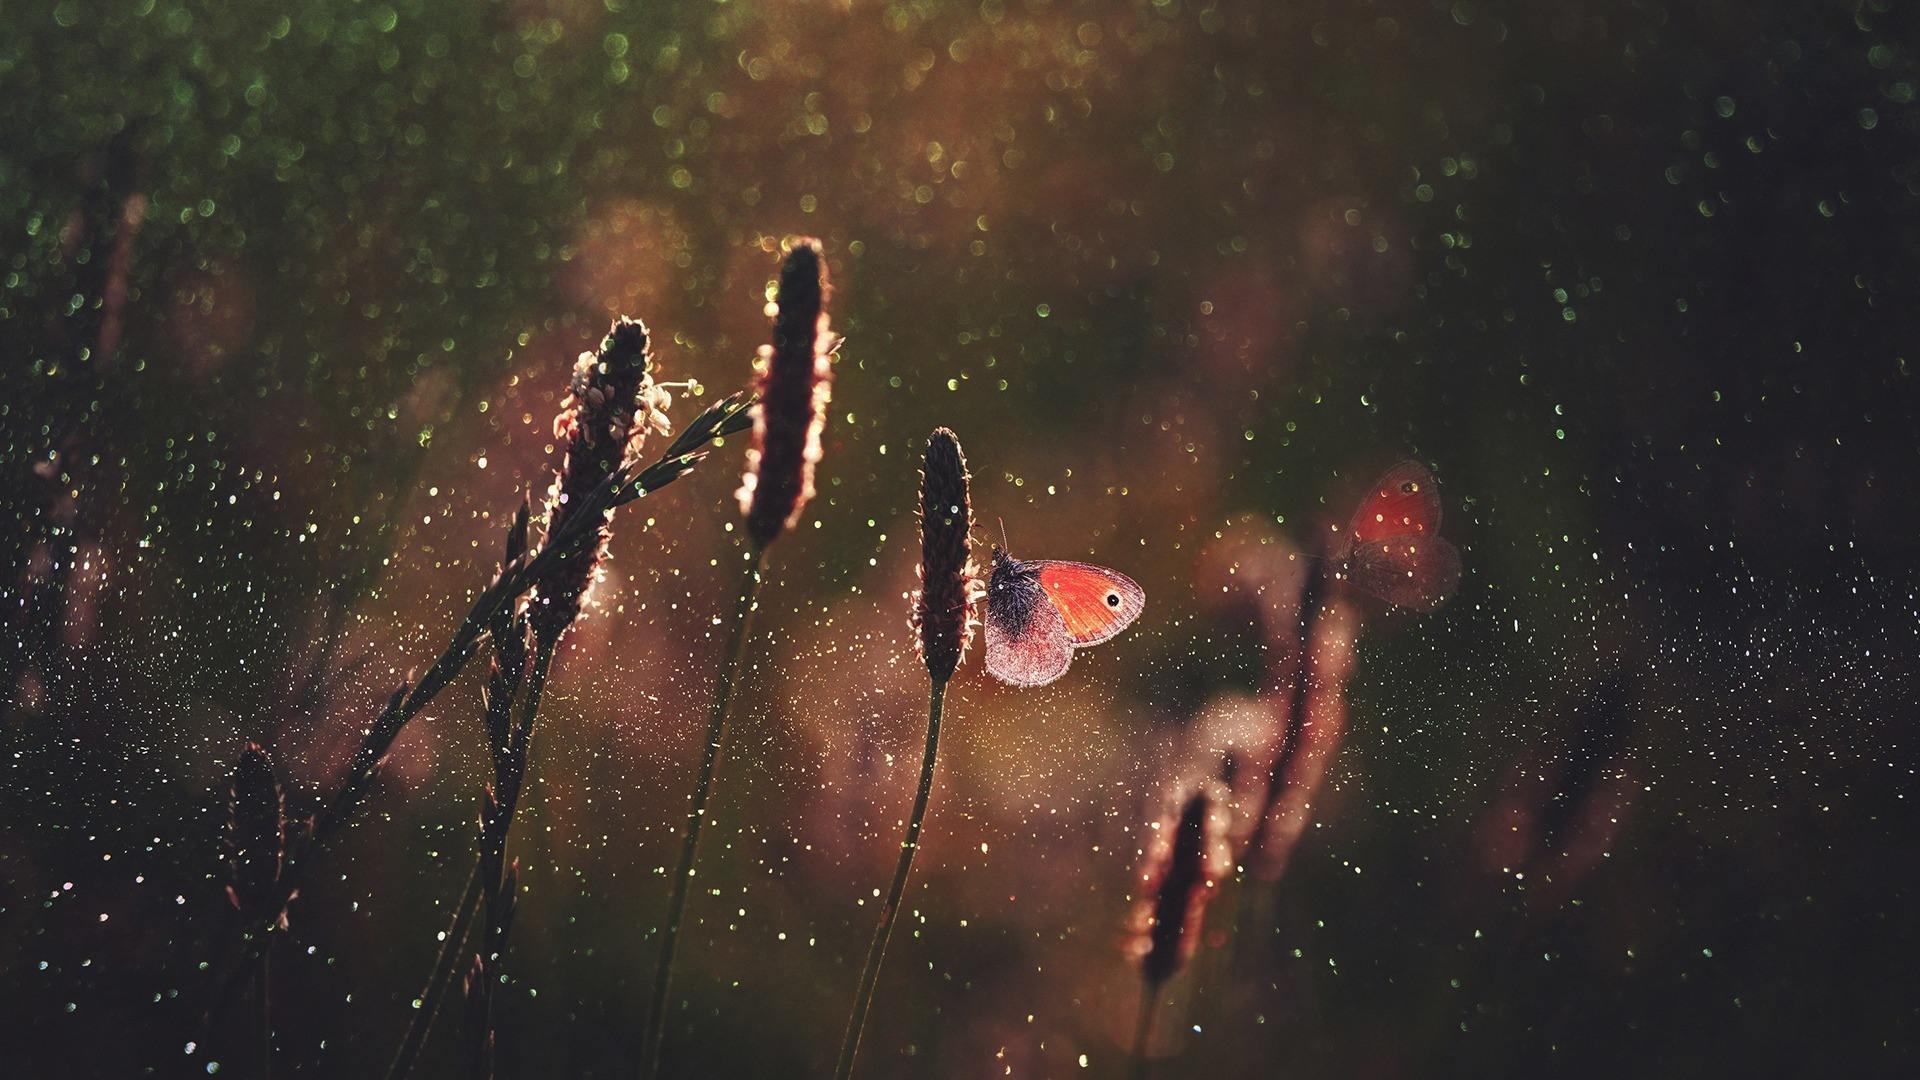 想哭就要笑的人生感悟语录:加油,活成自己想要的样子